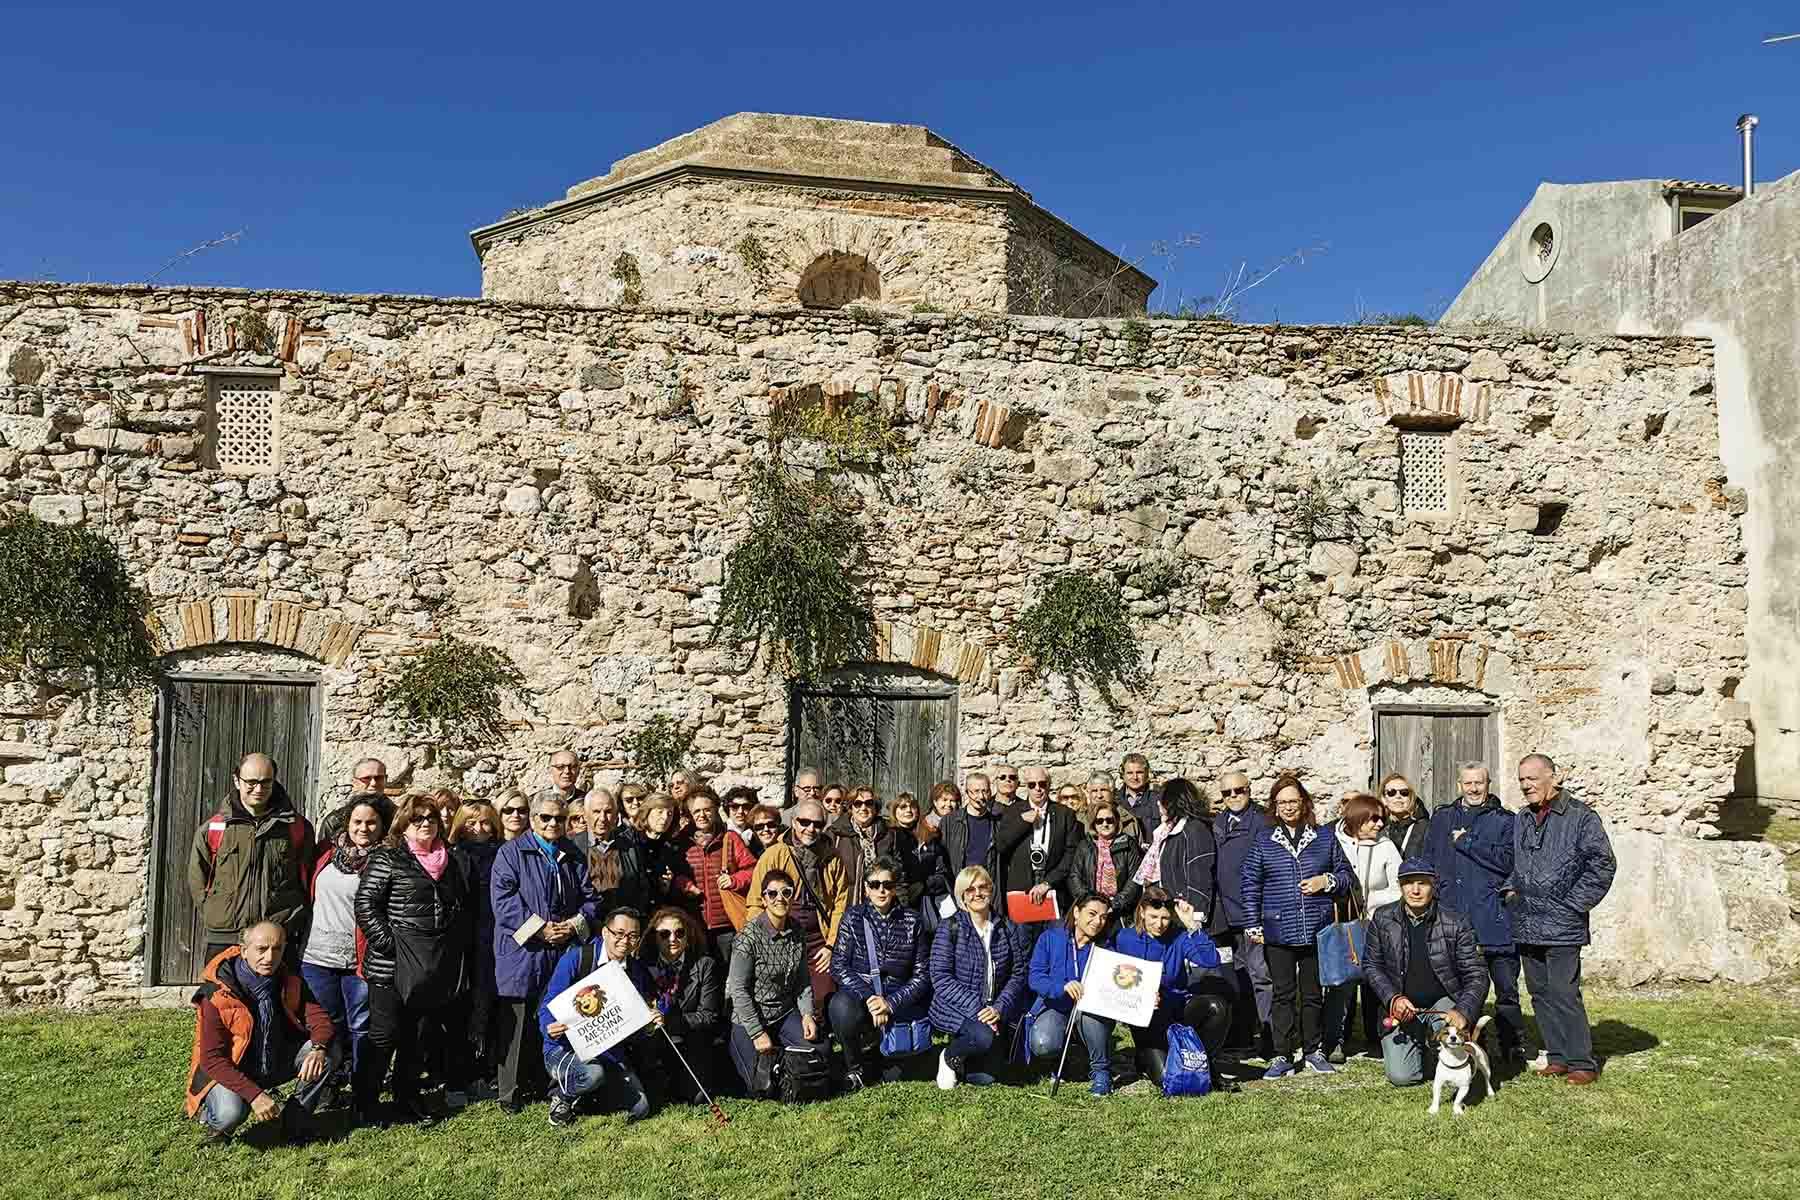 Visita alla chies bizantina di Gesù e Maria a Rometta Superiore